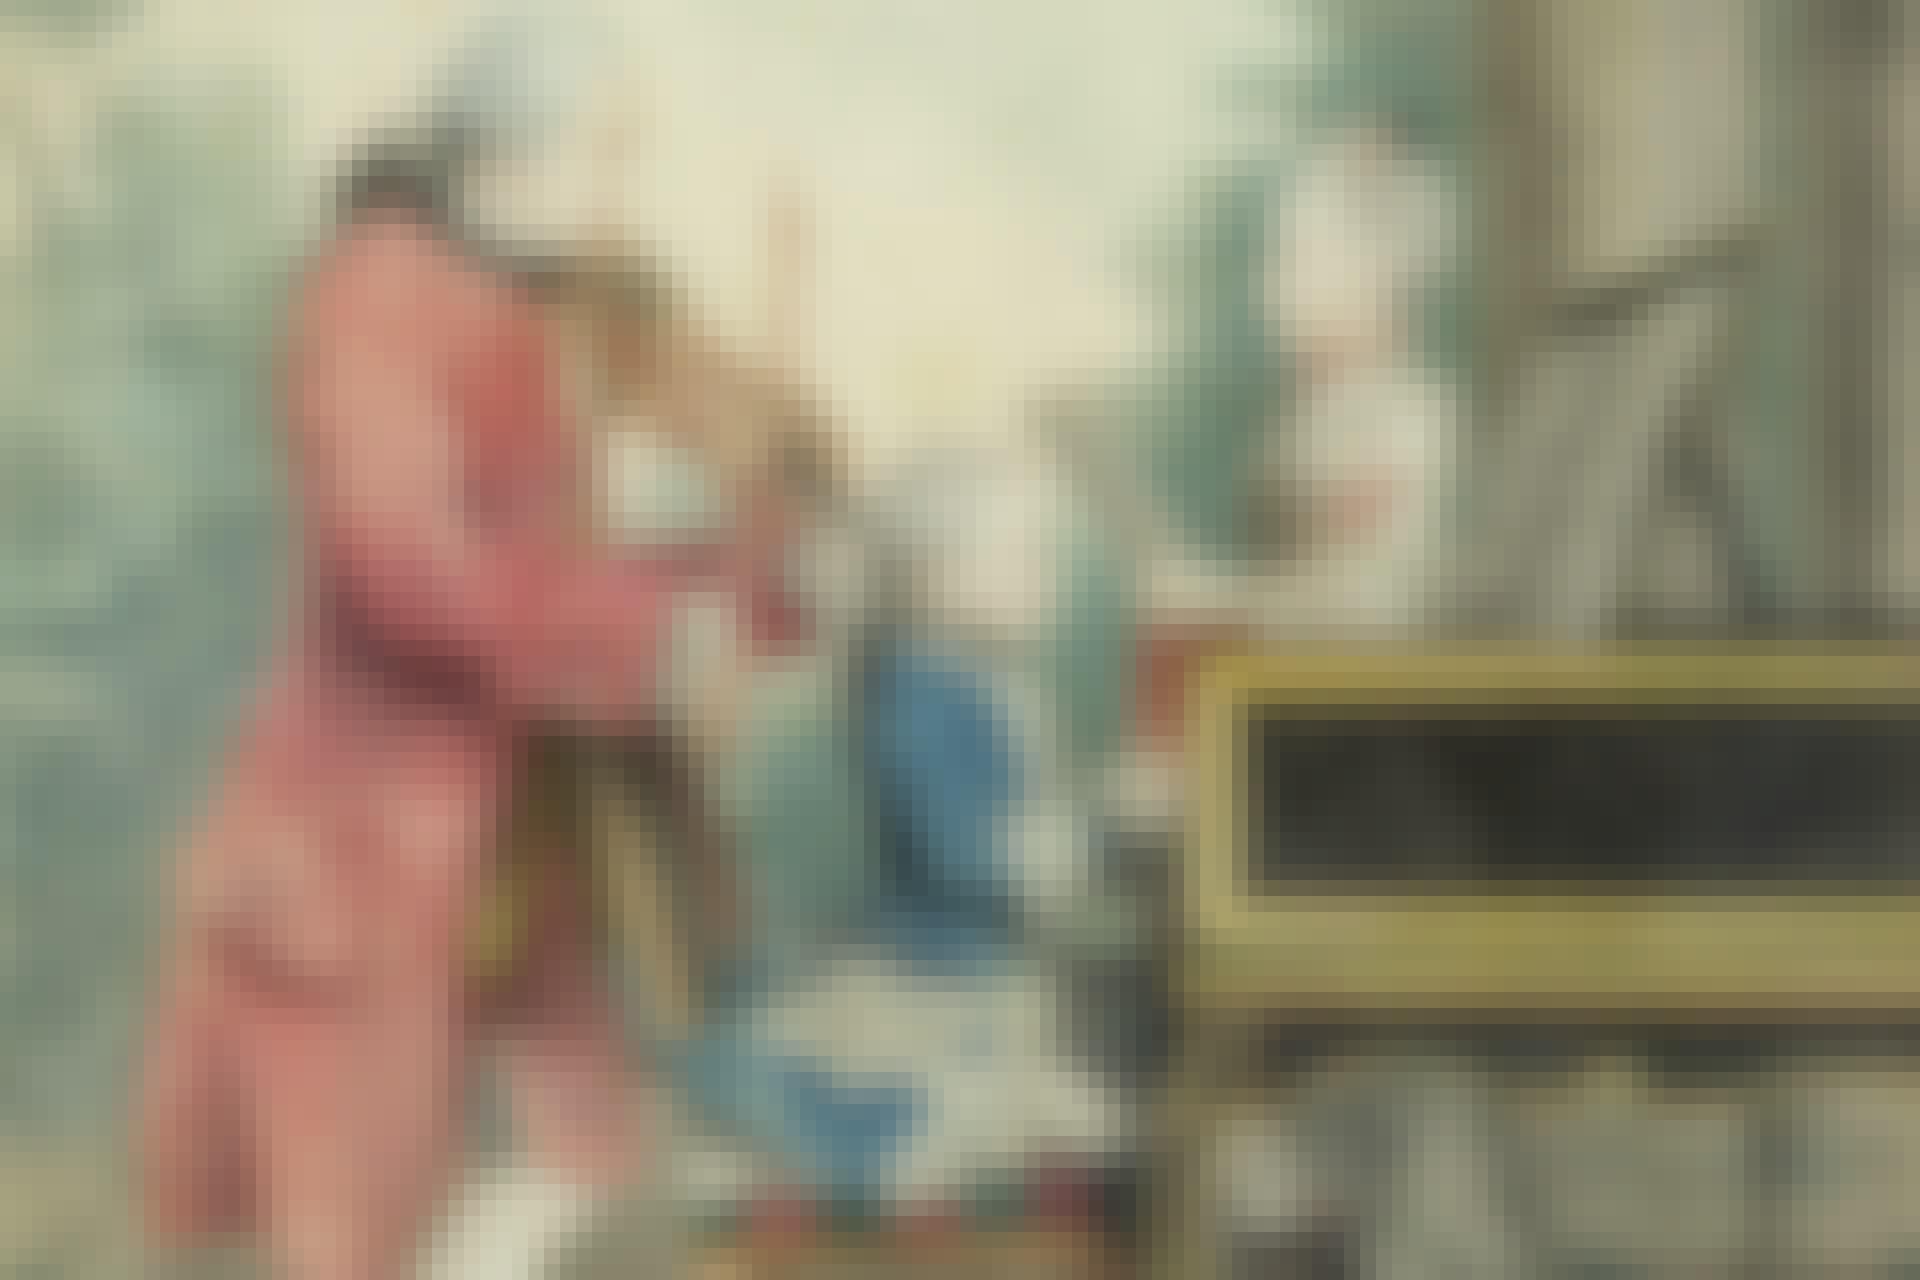 Pikku Wolfgang esiintyi siskonsa kanssa Euroopan hoveissa, mutta Leopold-isä  oli harvoin tyytyväinen palkkioihin.